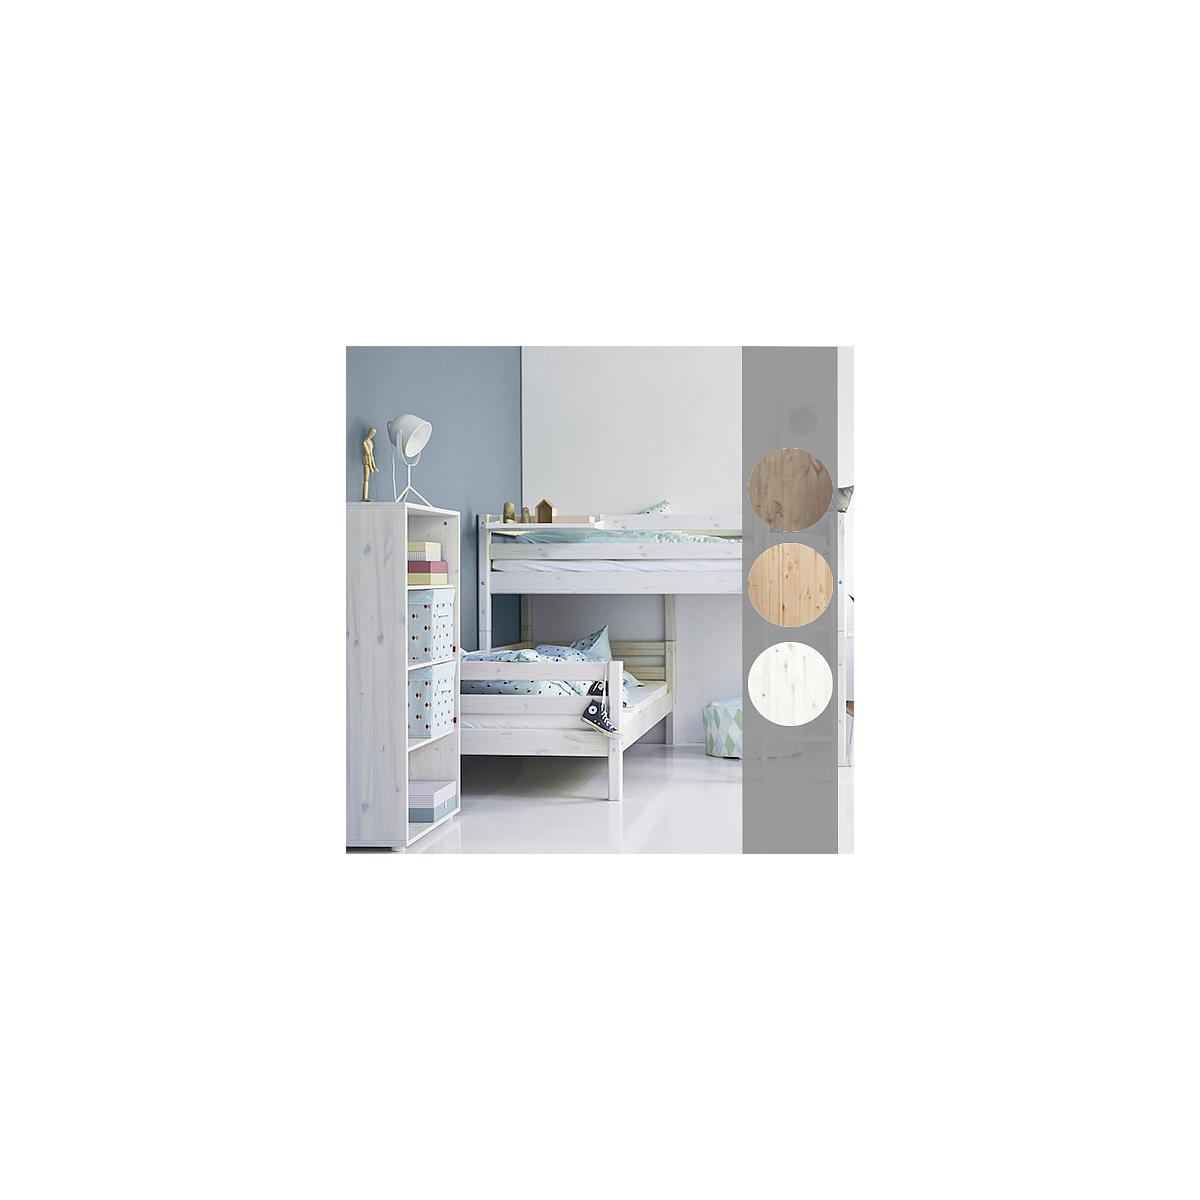 Lit surélevé Classic Line + lit Classic simple Line 90x200 cm + échelle droite by Flexa